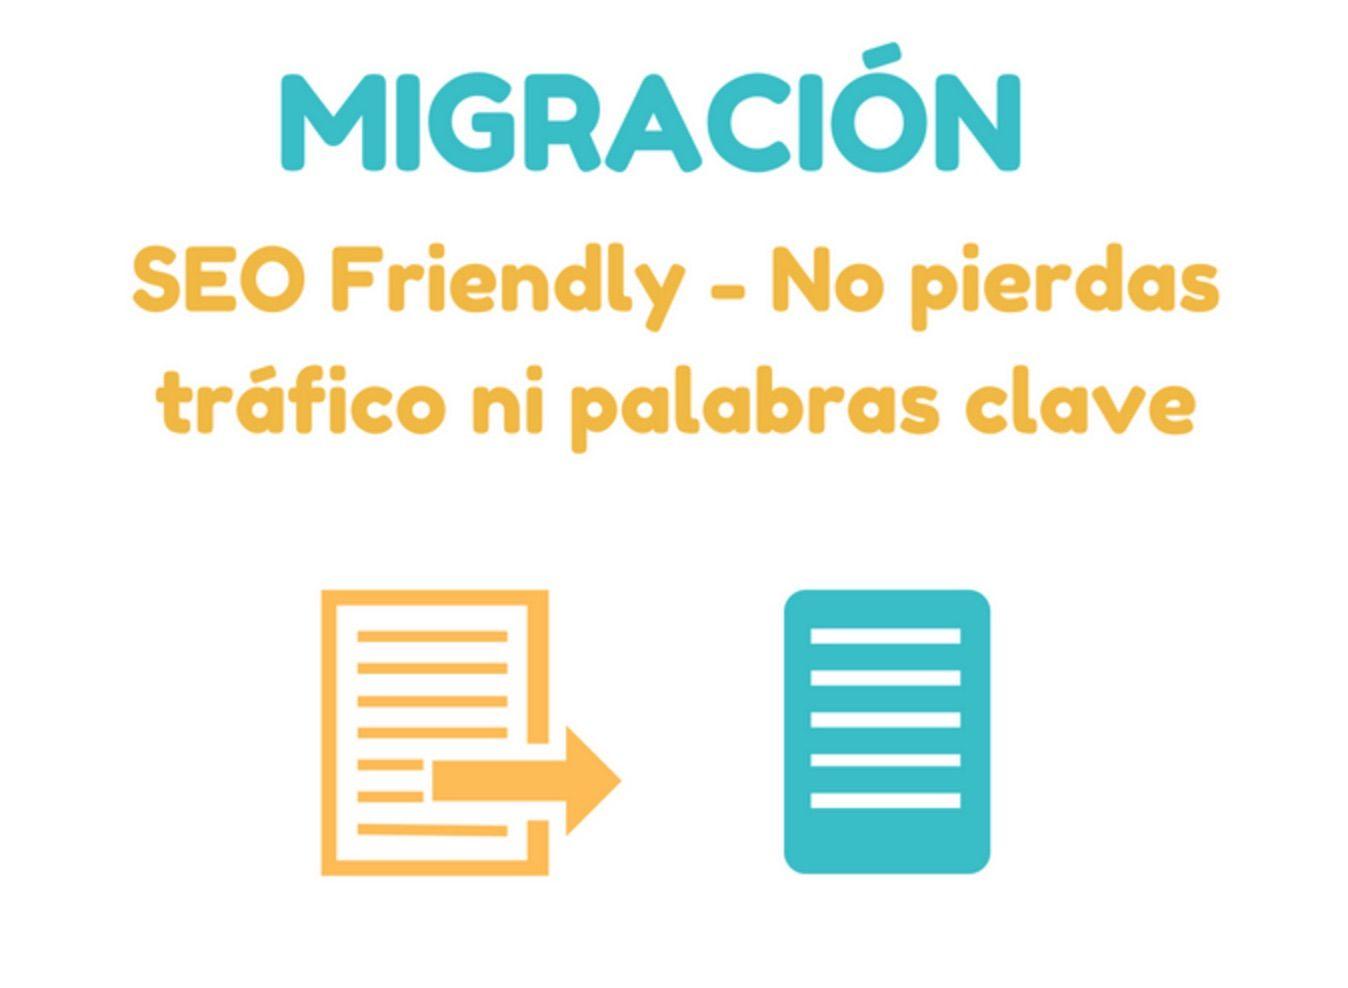 Migración SEO